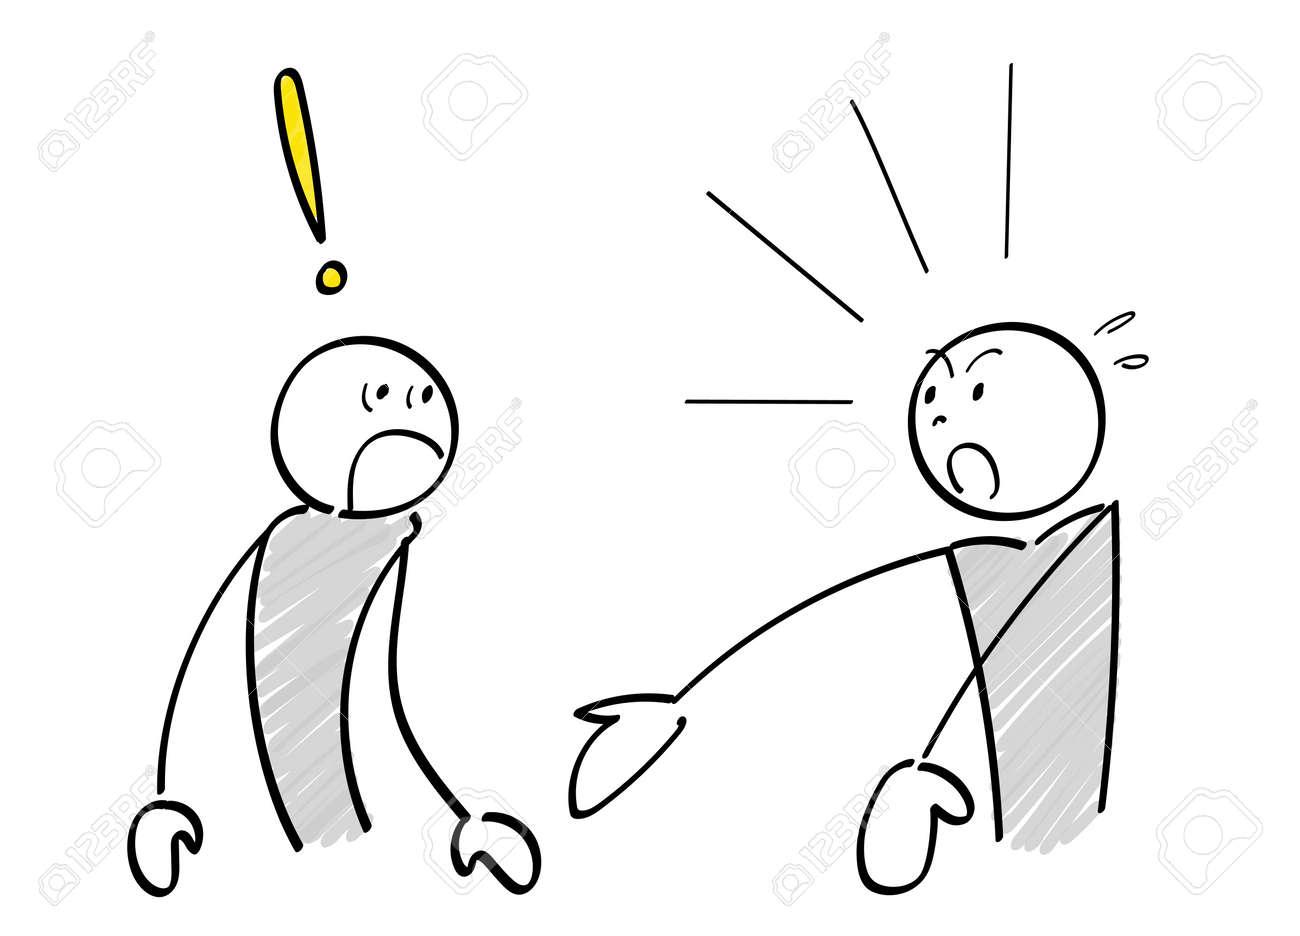 Two stick figures amazing scene - 168807204